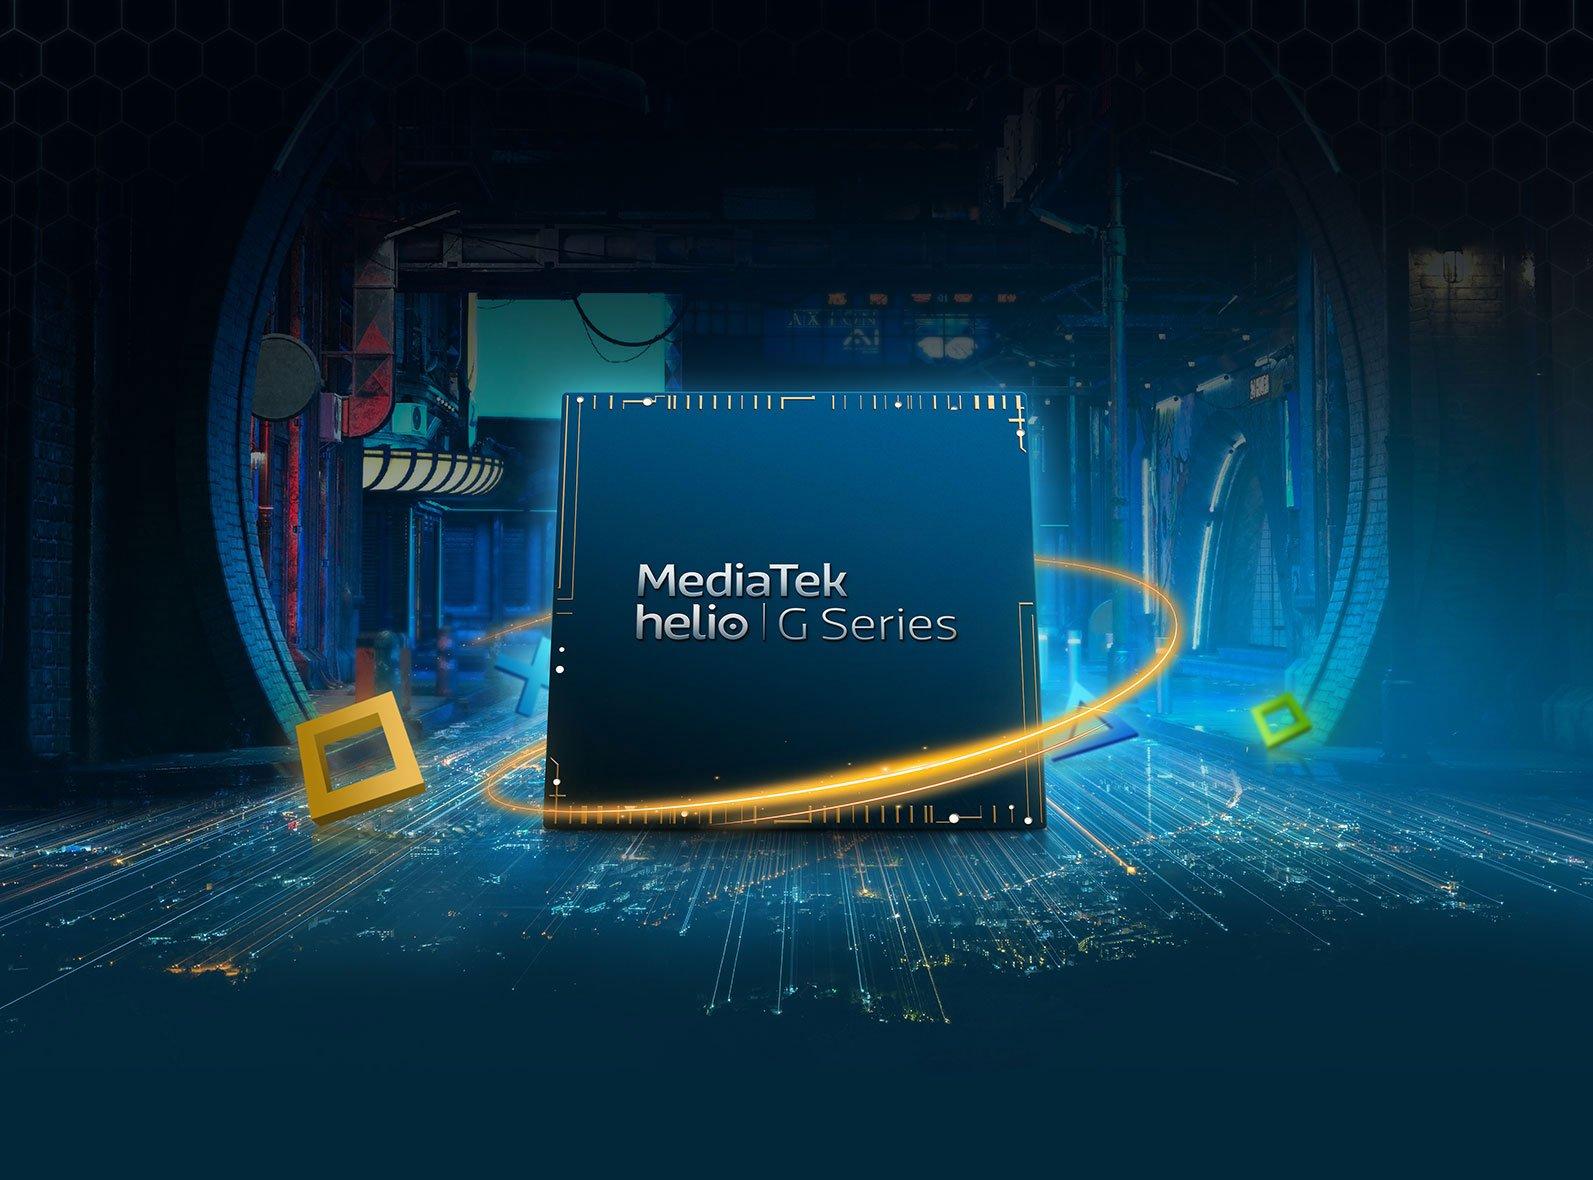 Mediatek Helio G series